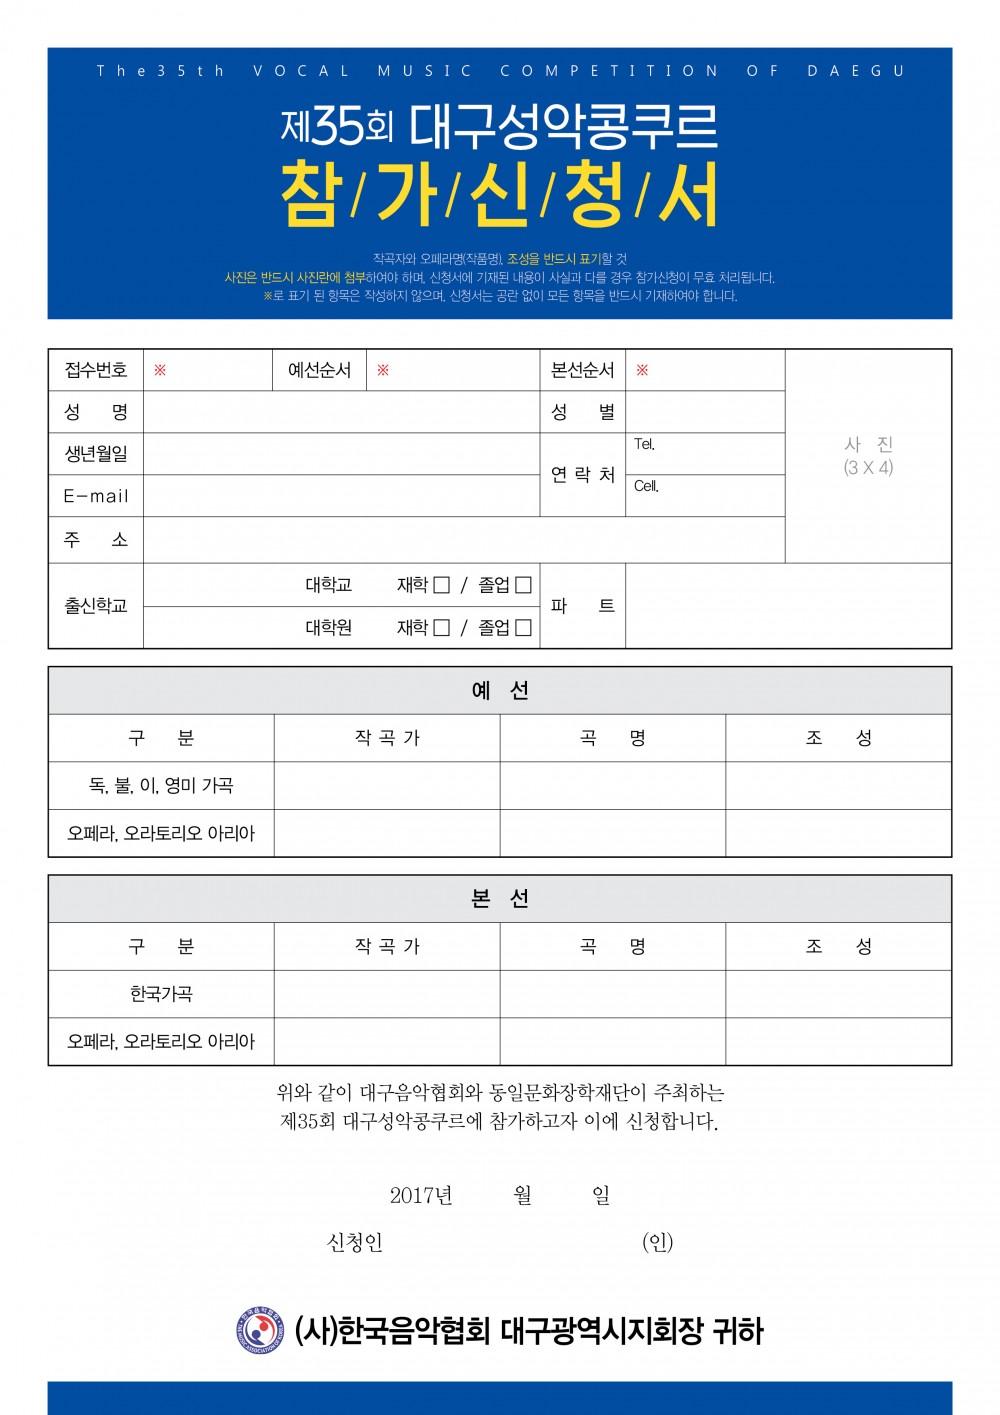 음악협회-A4-성악콩쿨-참가신청서-A4-최종-수정022.jpg